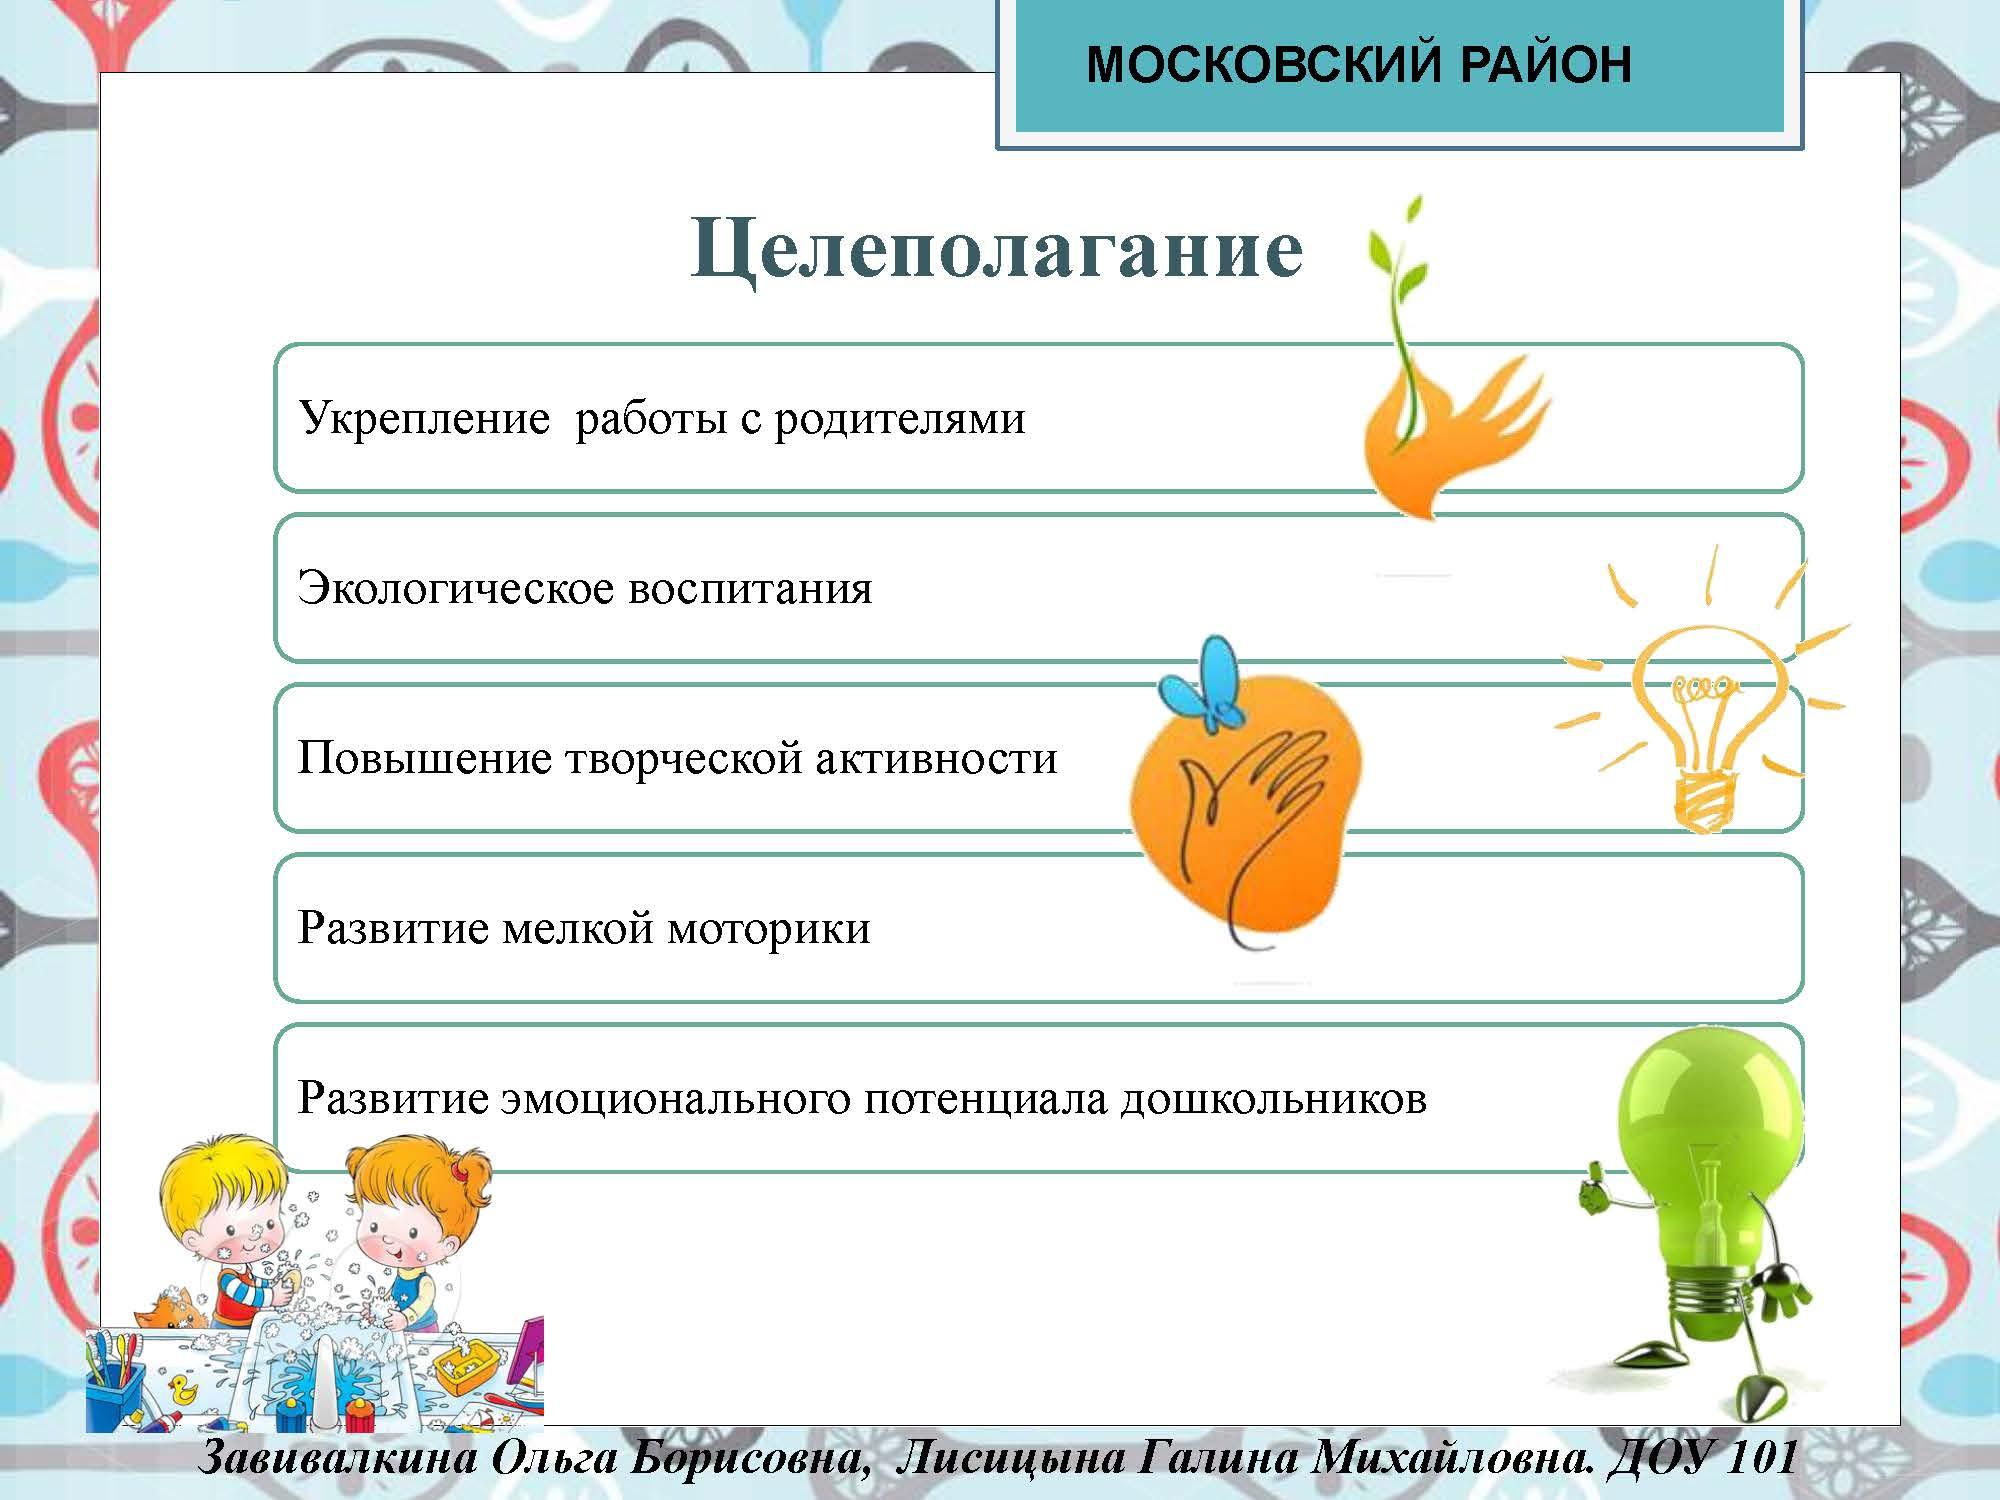 секция 8. ДОУ 101, эко. Московский район_Страница_02